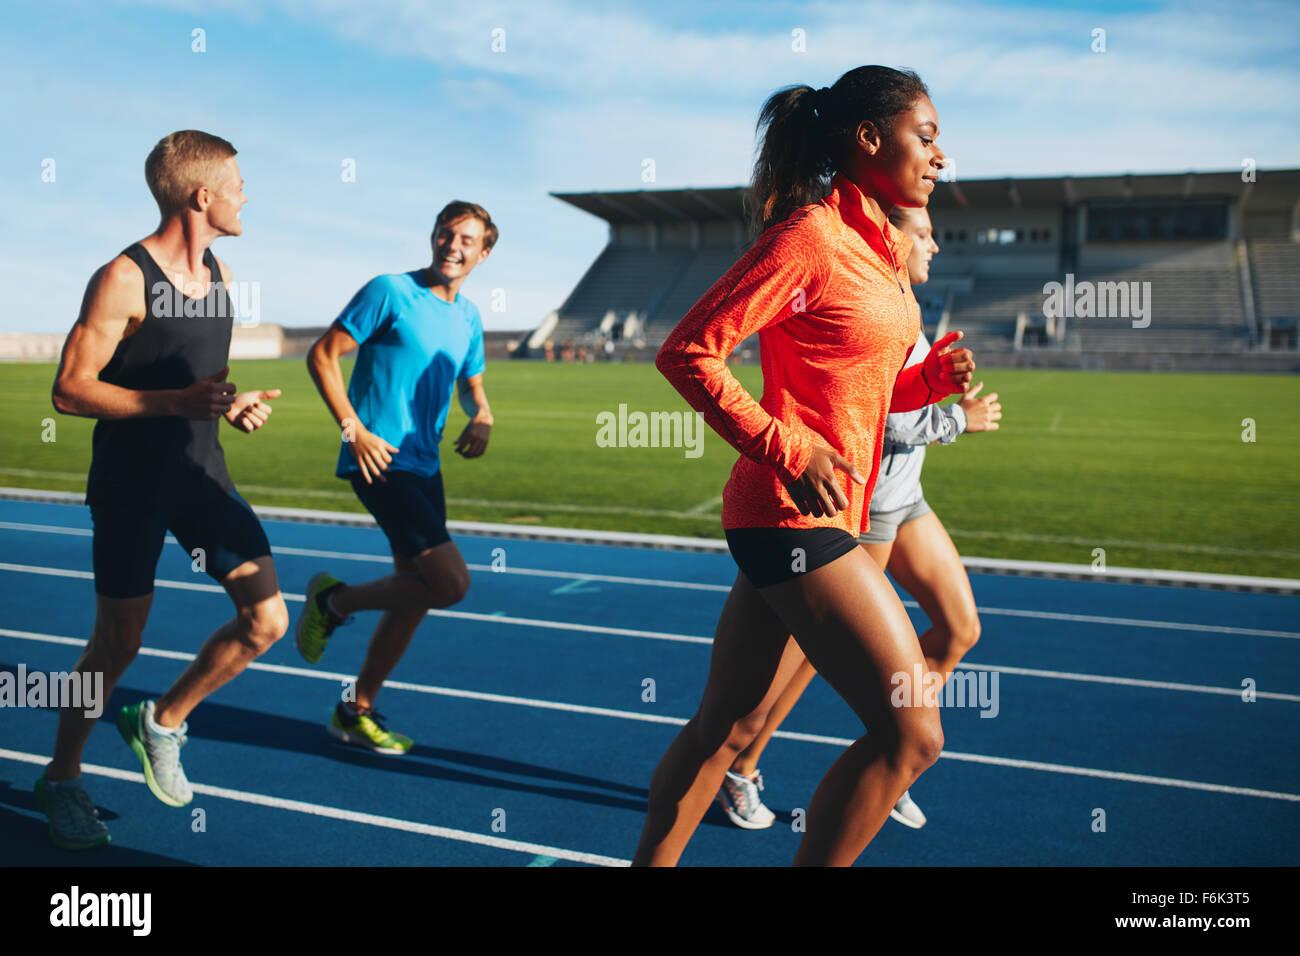 d77566b9f8 Colocar hombres y mujeres corriendo en una pista de carreras. Atletas  multirracial practicando en la pista de carreras en el estadio.